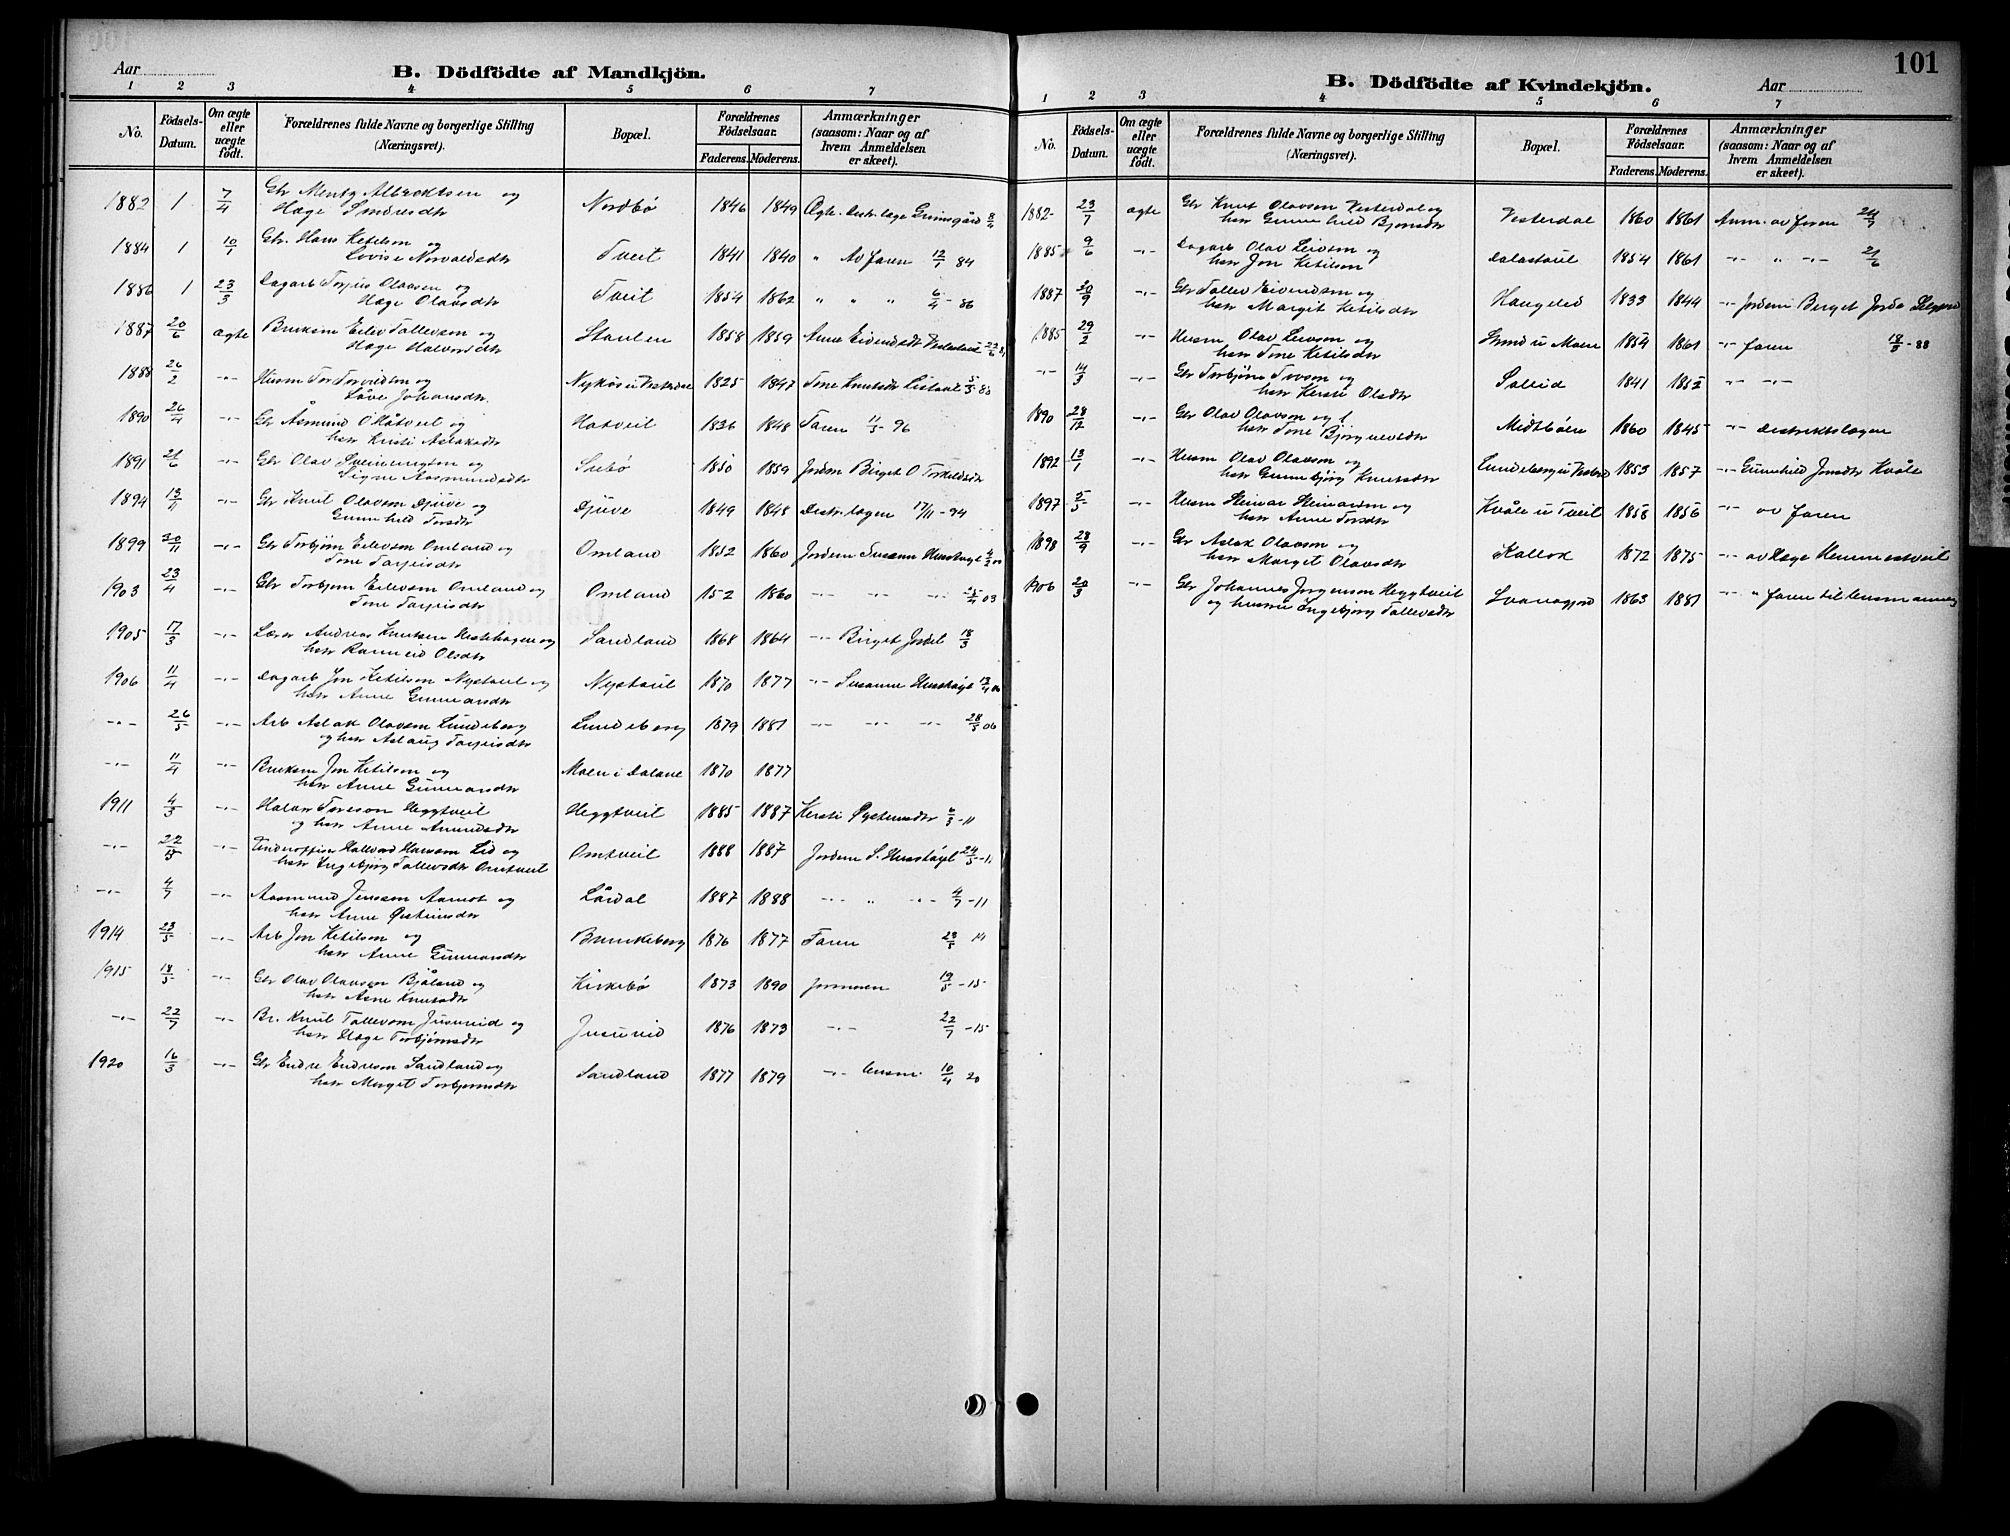 SAKO, Kviteseid kirkebøker, G/Gb/L0003: Klokkerbok nr. II 3, 1893-1933, s. 101